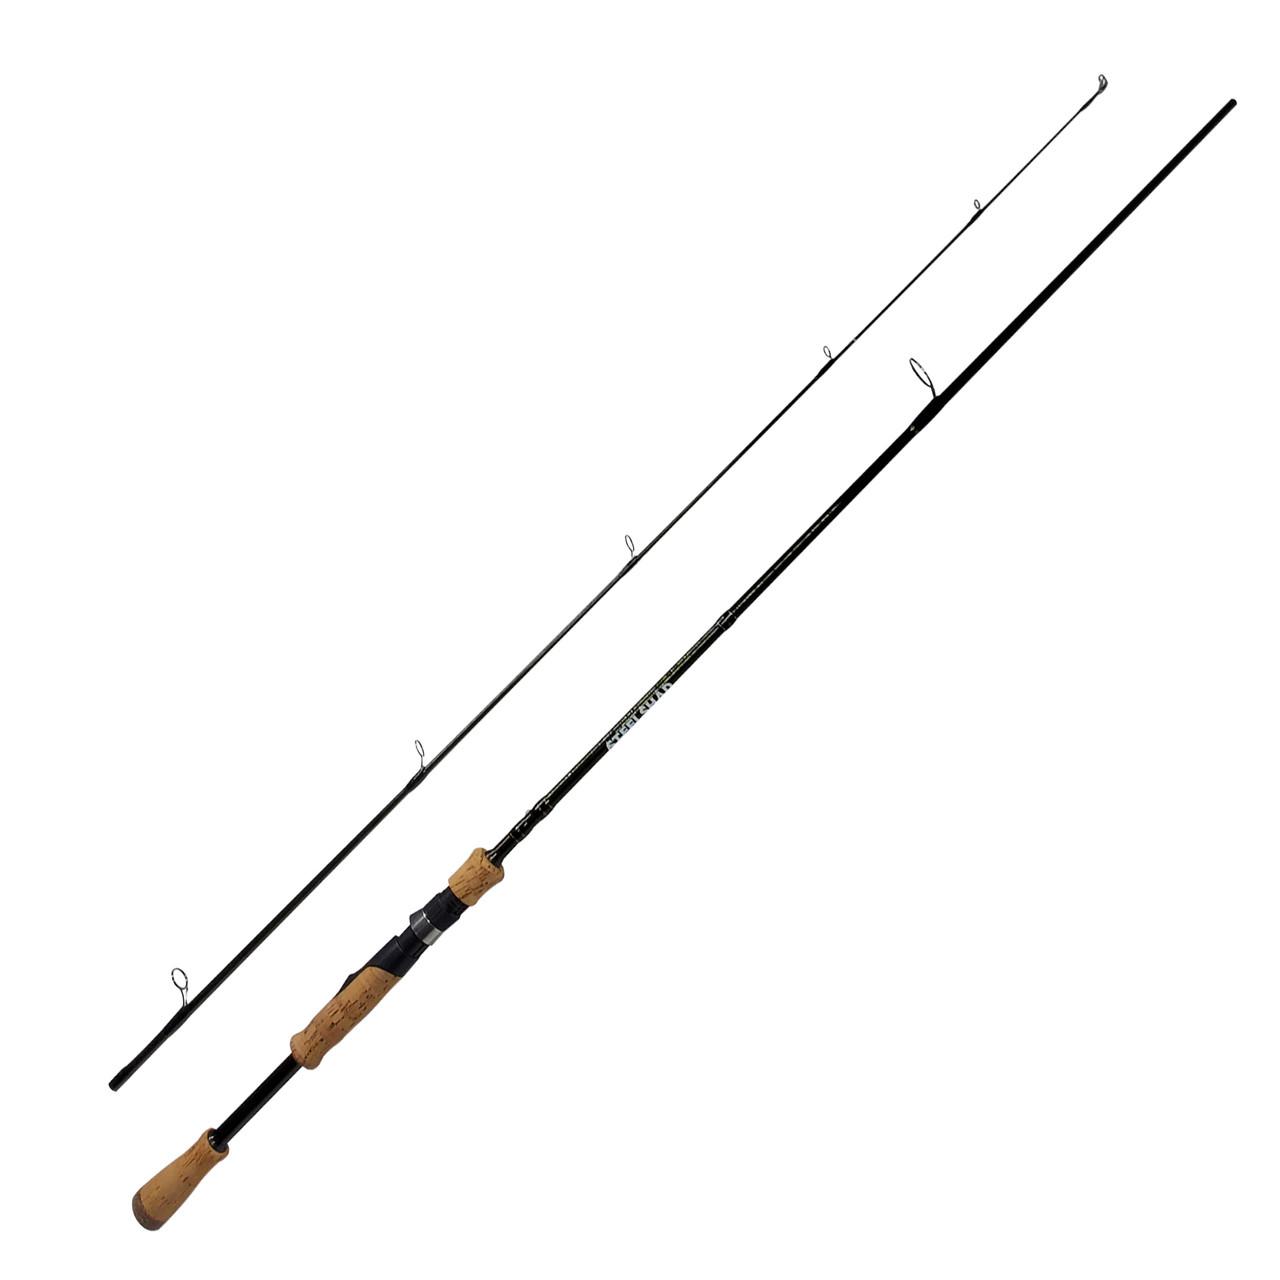 SteelShad 80 Graphite 2-Piece Rod